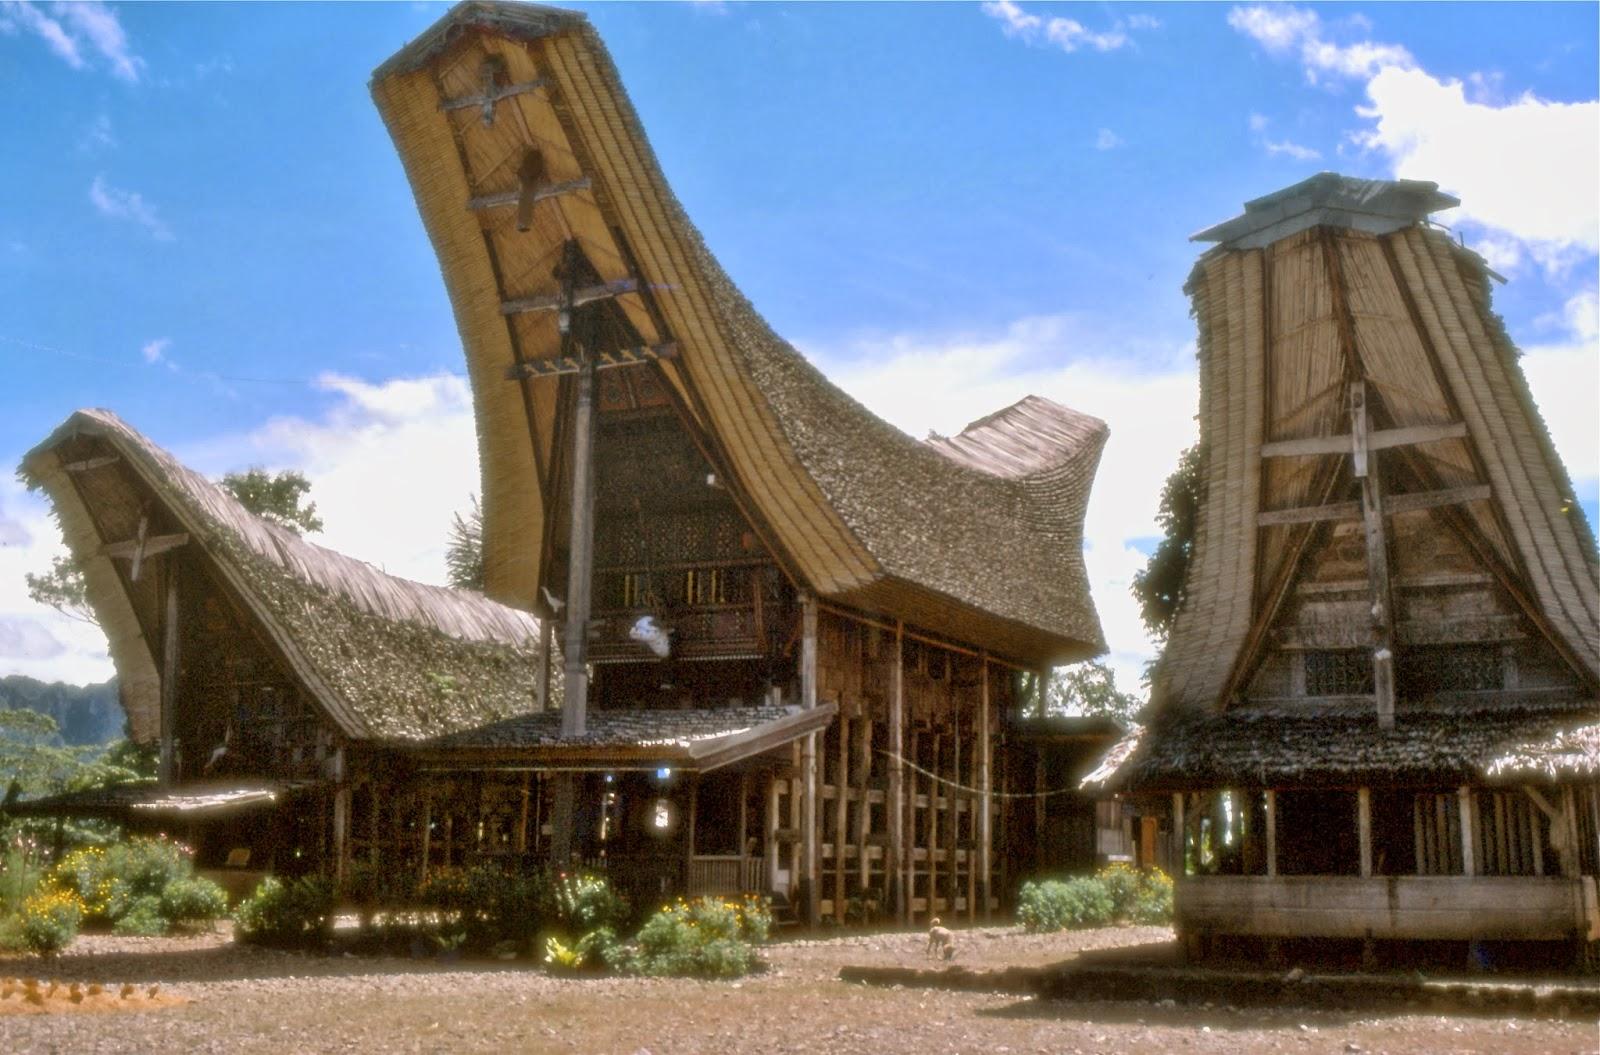 Download this Rumah Adat Tongkonan picture